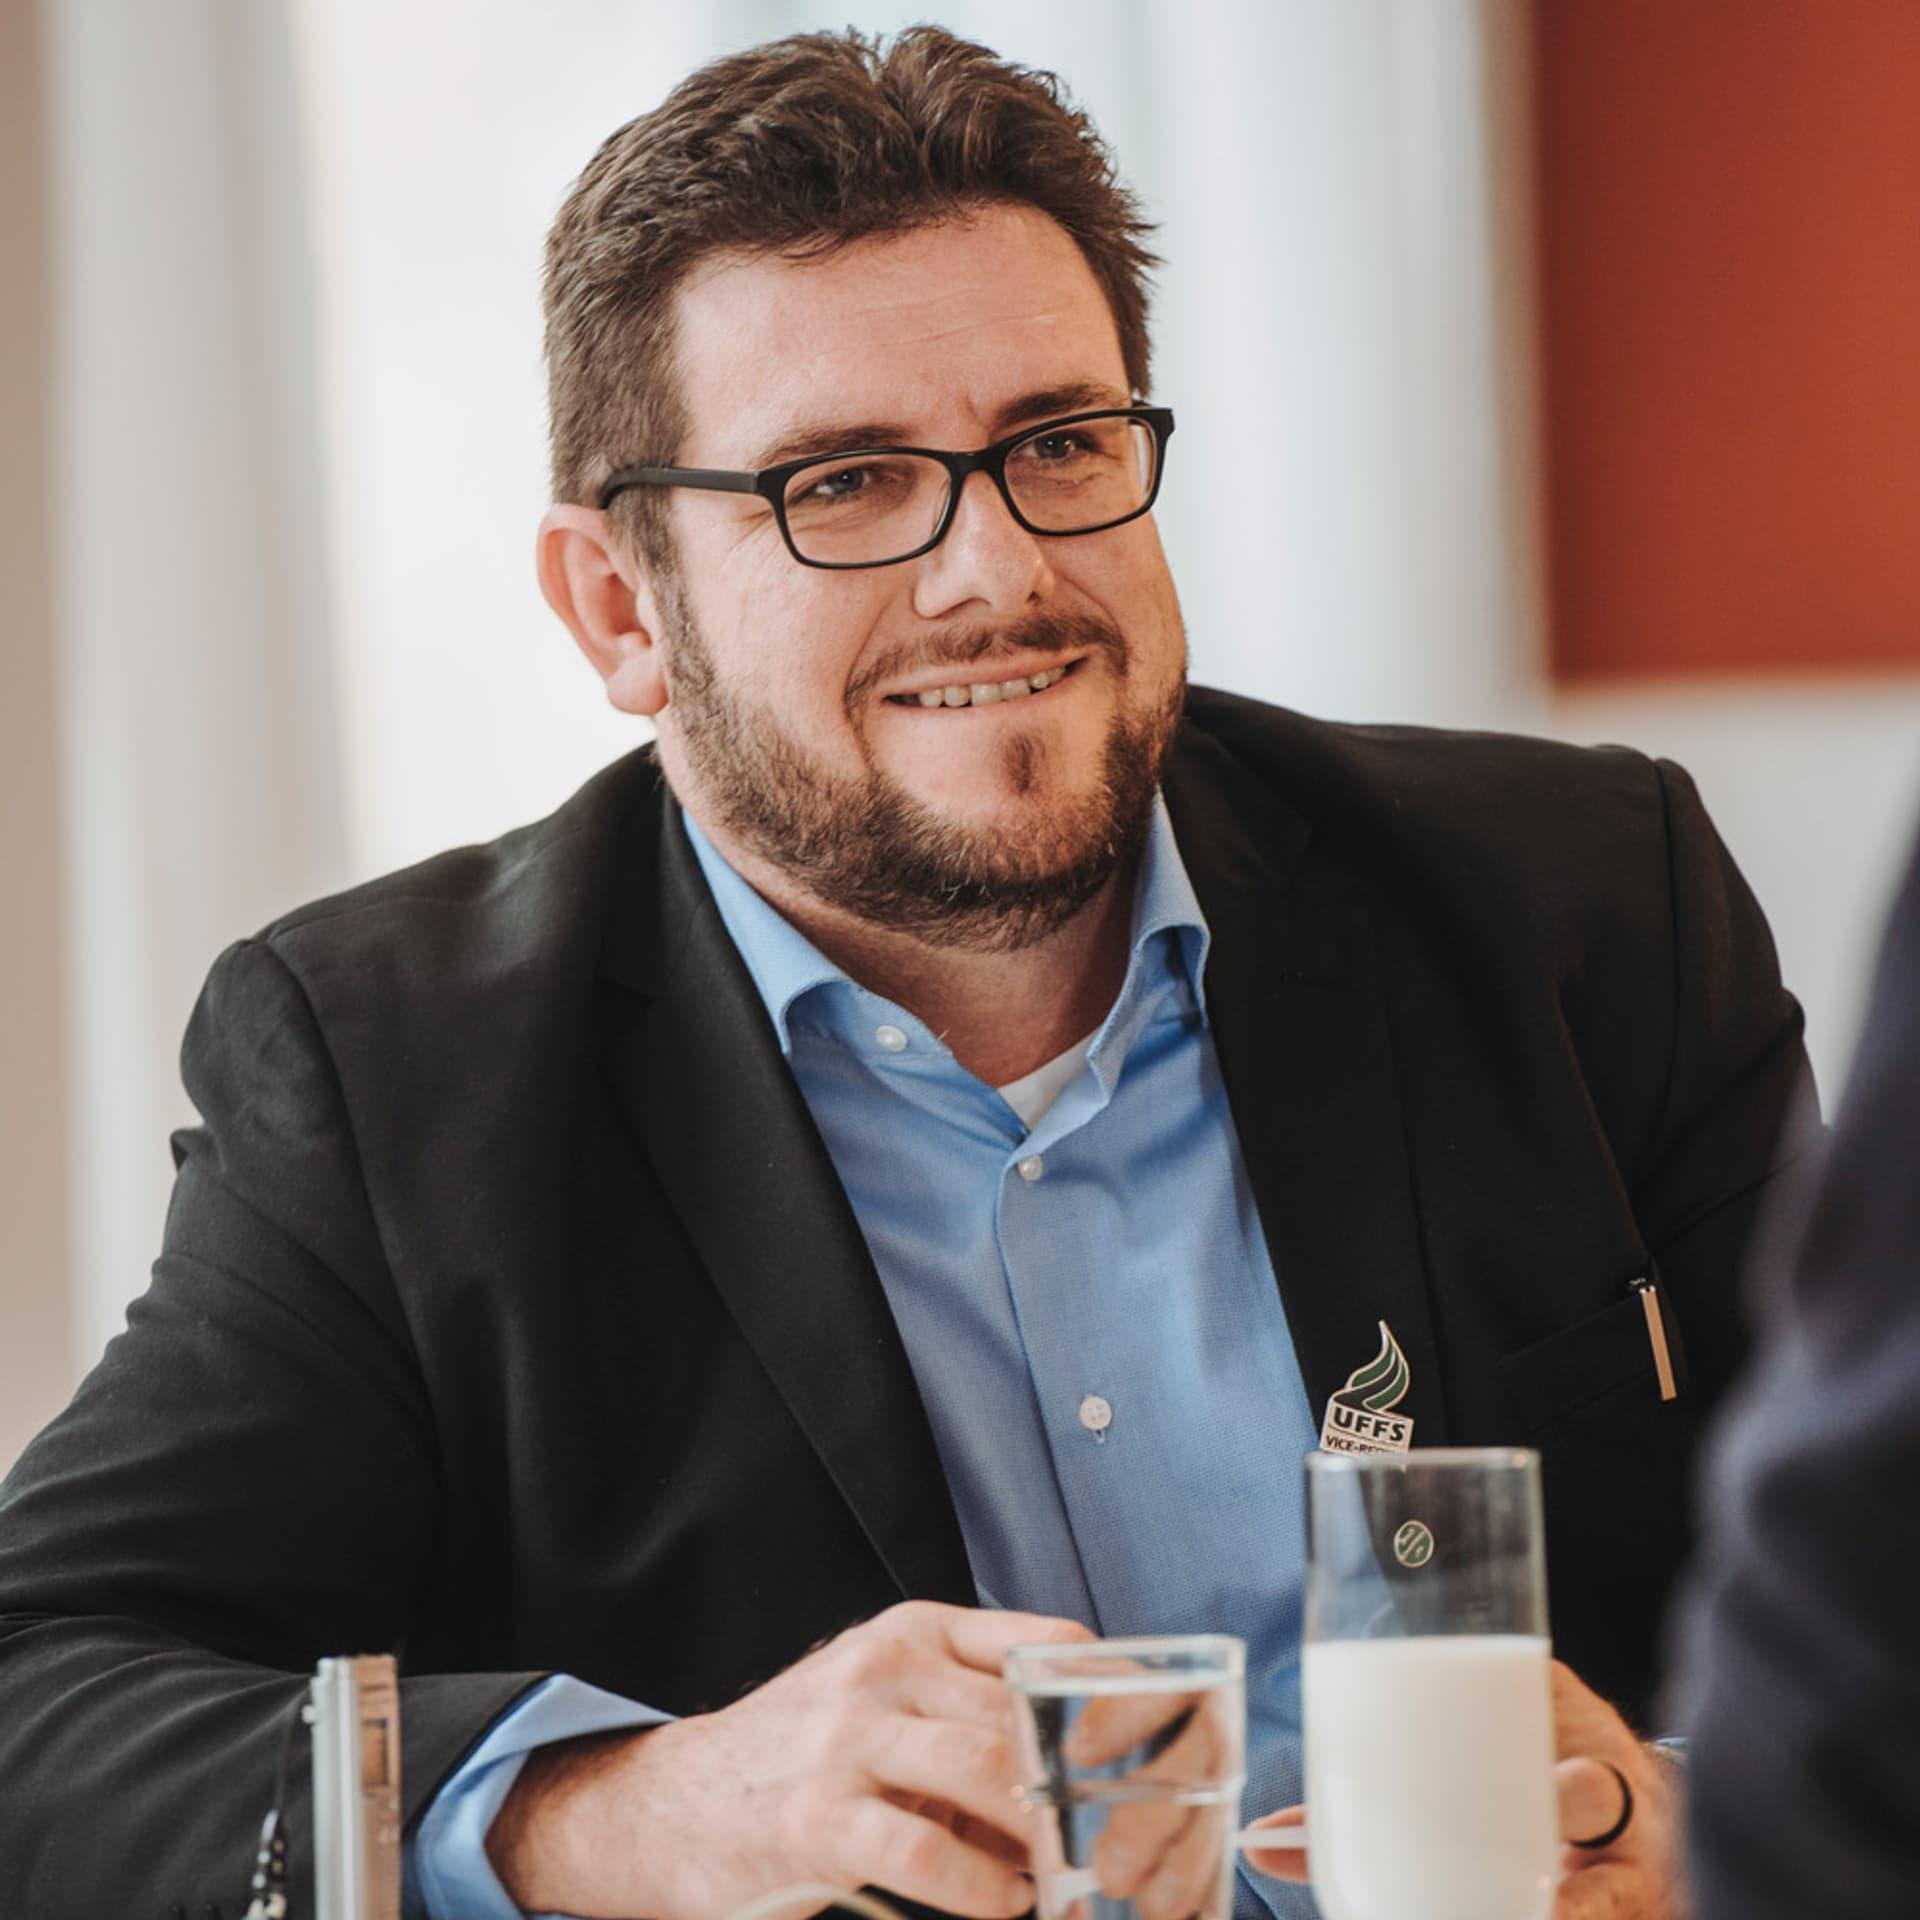 Antonio Andrioli: Mann mit Brille, dunklem Bart und blauem Hemd